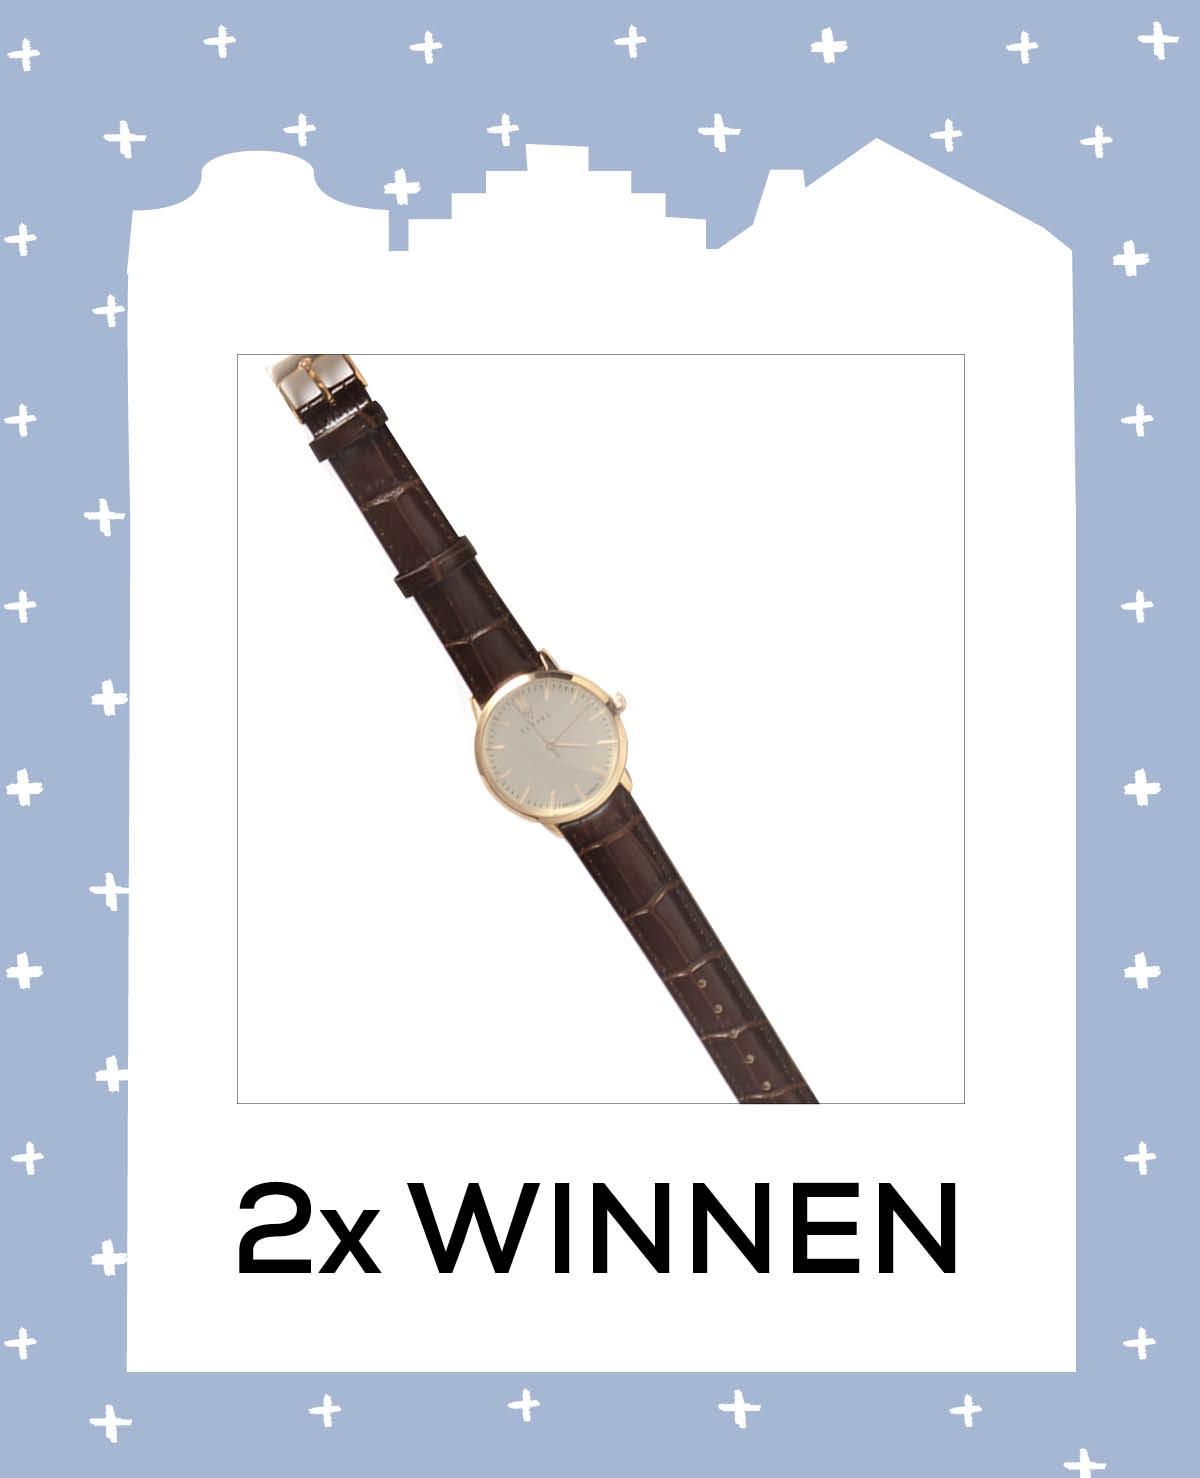 2x winnen: horloge van Renard